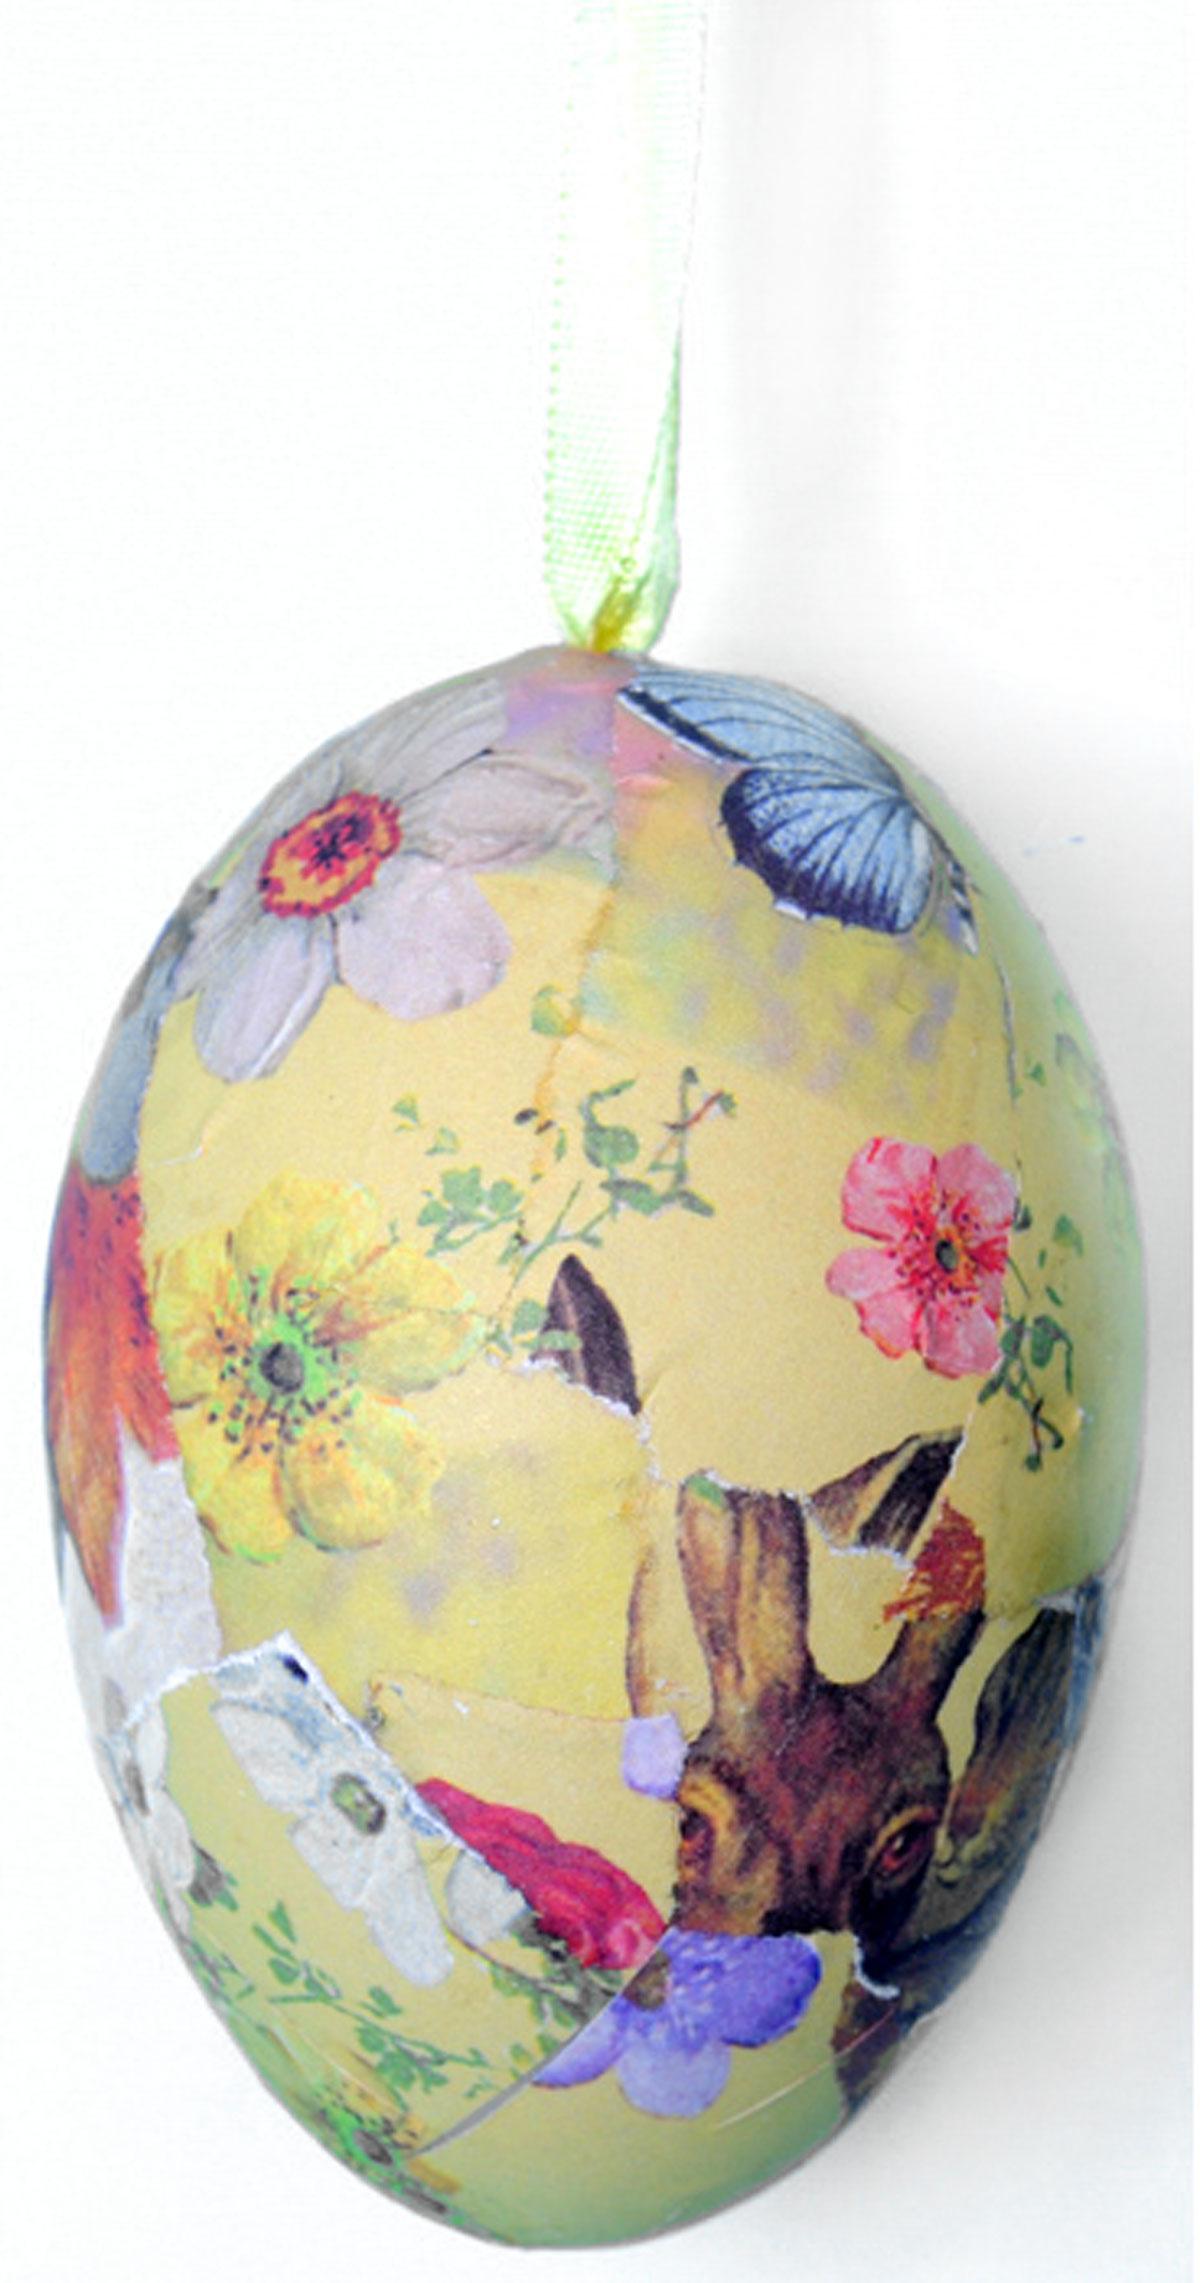 Декоративное подвесное украшение Home Queen Винтаж60785Подвесное украшение Home Queen Винтаж, выполненное в форме яйца, изготовлено из пластика и бумаги и декорировано рисунком в стиле винтаж. Изделие оснащено текстильной петелькой для подвешивания.Такое украшение прекрасно оформит интерьер дома или станет замечательным подарком для друзей и близких на Пасху. Размер яйца: 5,5 см х 5,5 см х 8 см.